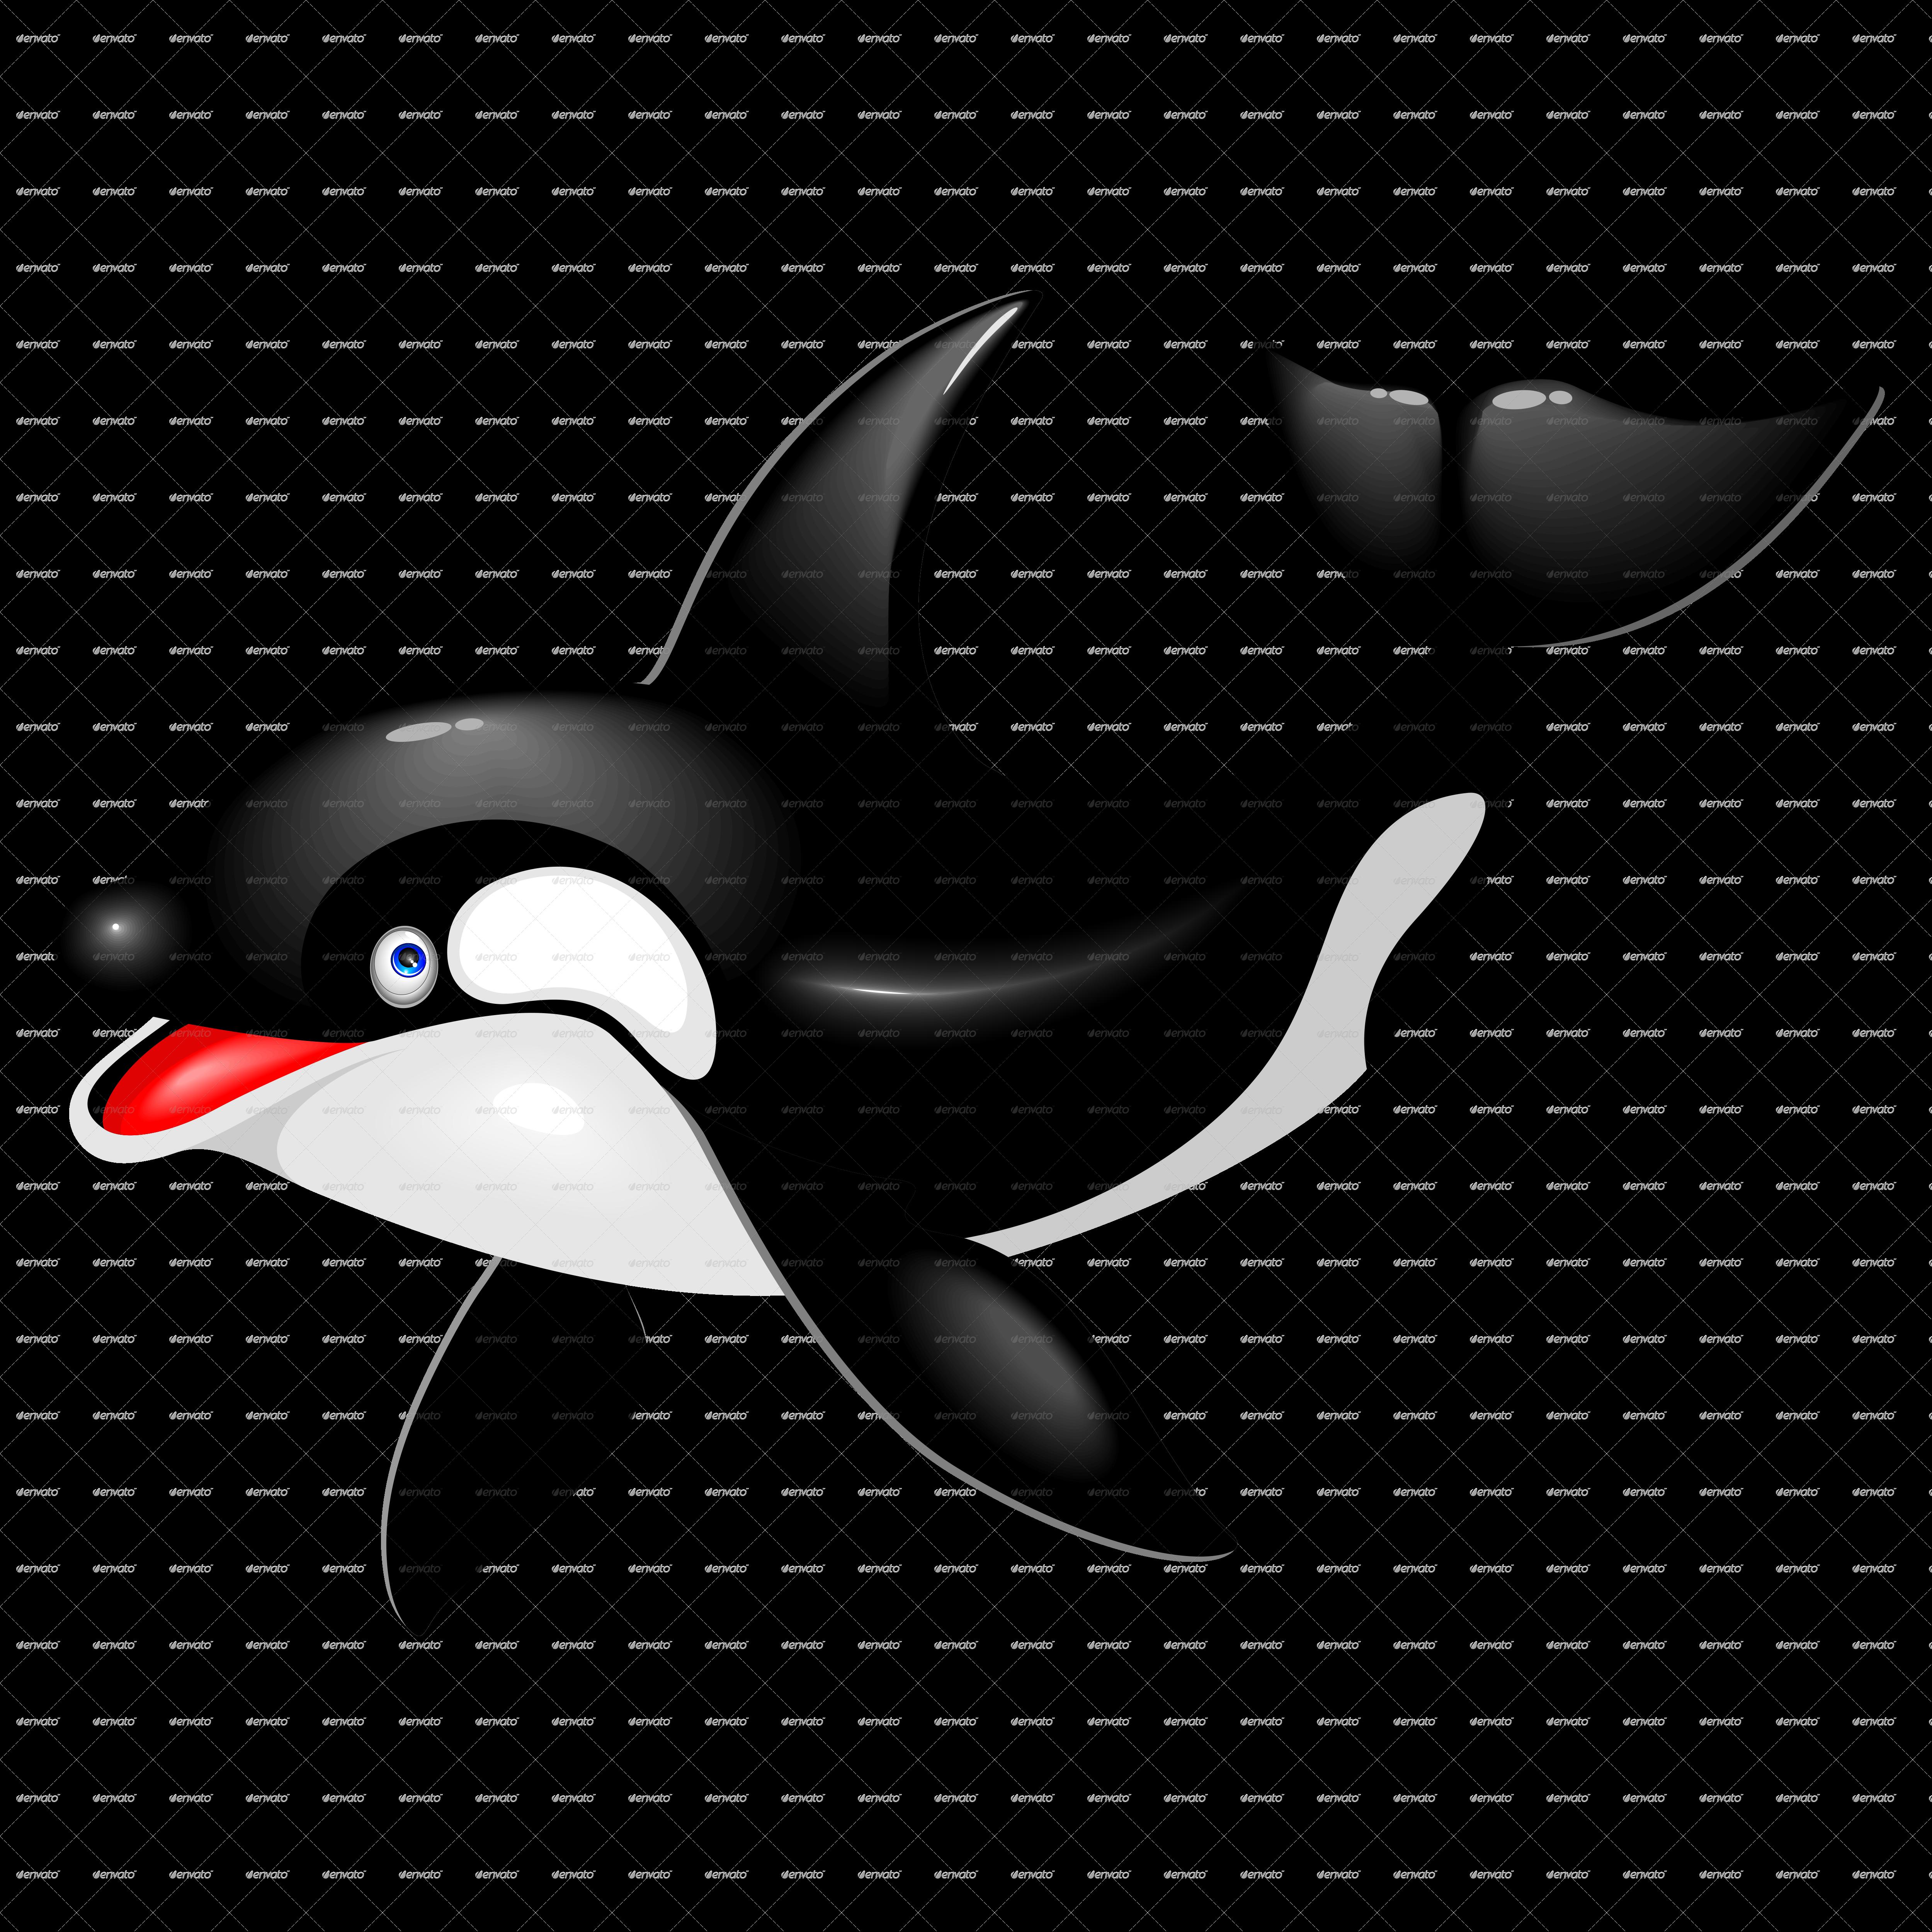 Orca Killer Wha... Orca Whale Cartoon